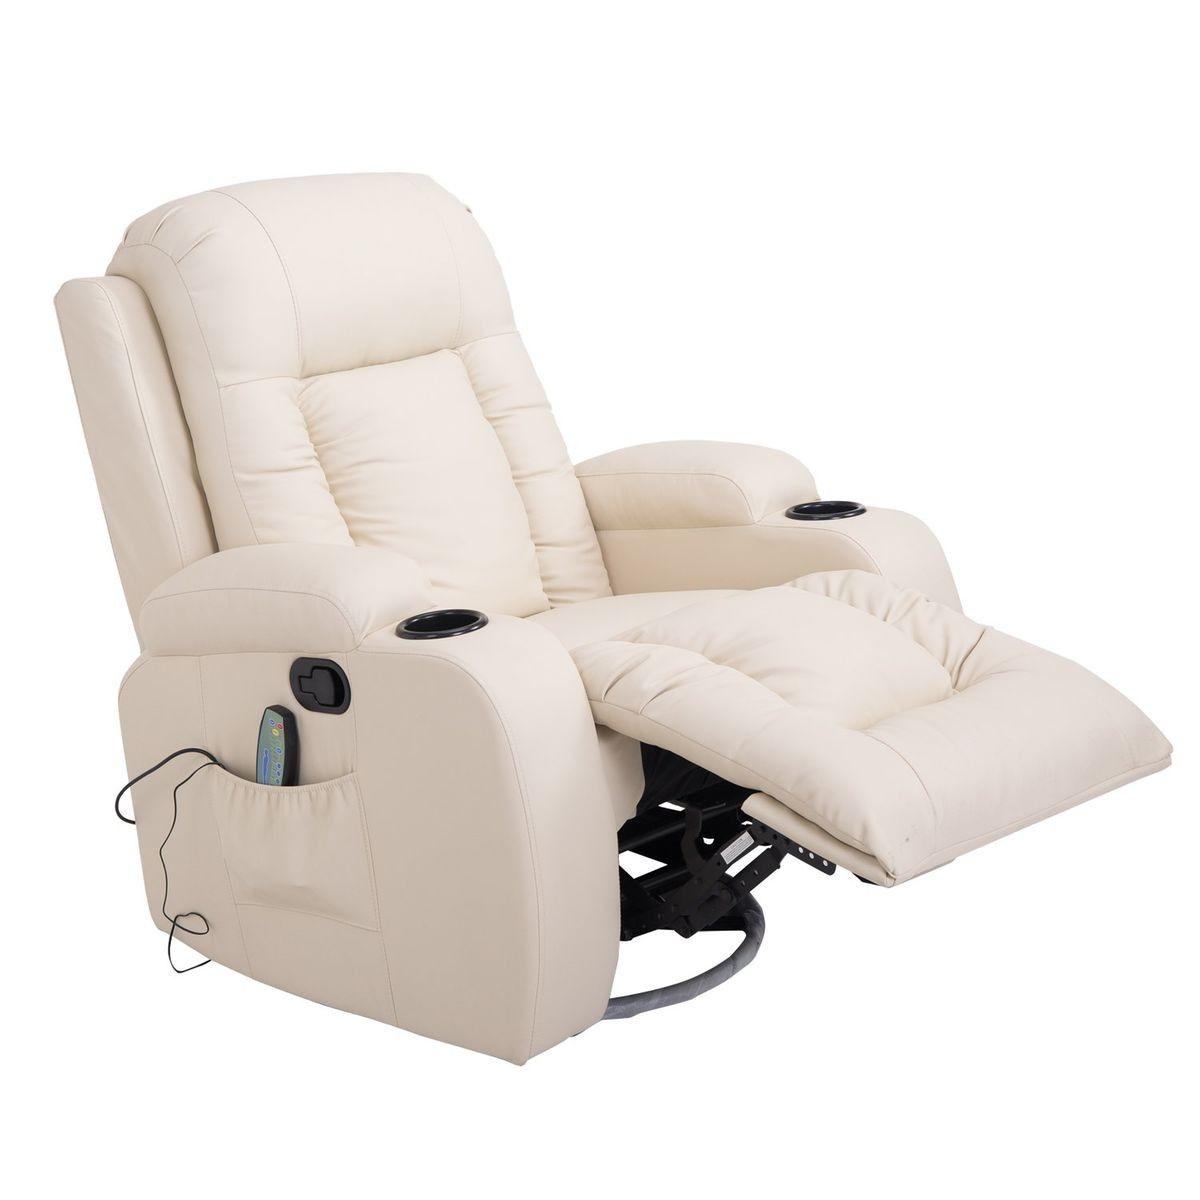 Fauteuil De Massage Electrique Chauffant Taille Tu Fauteuil De Massage Fauteuil Massage